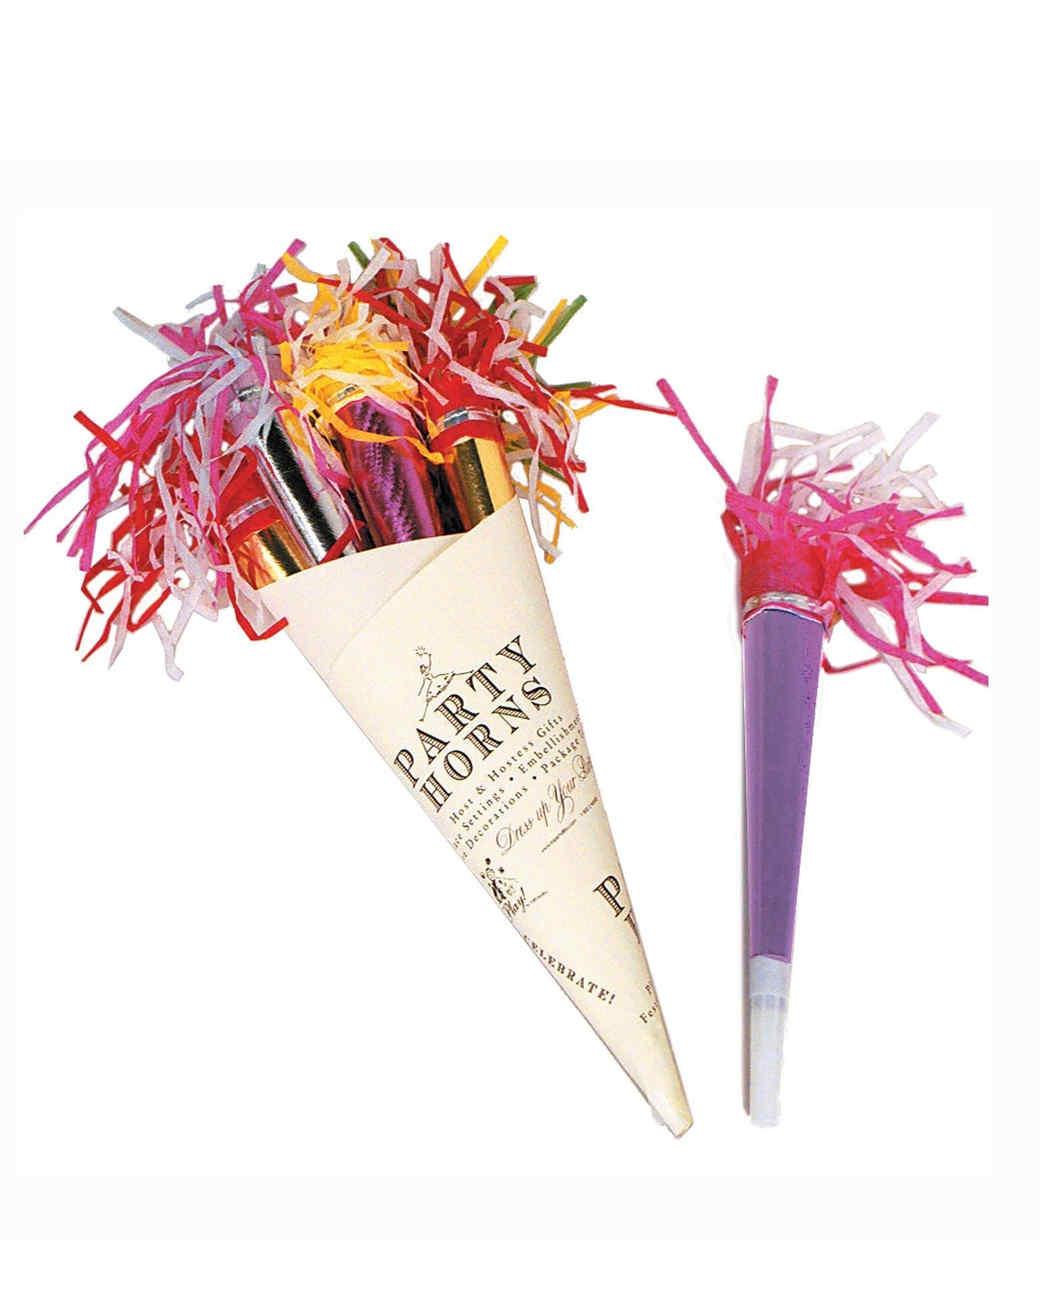 tops-malibu-party-horn-bouquet-1014.jpg